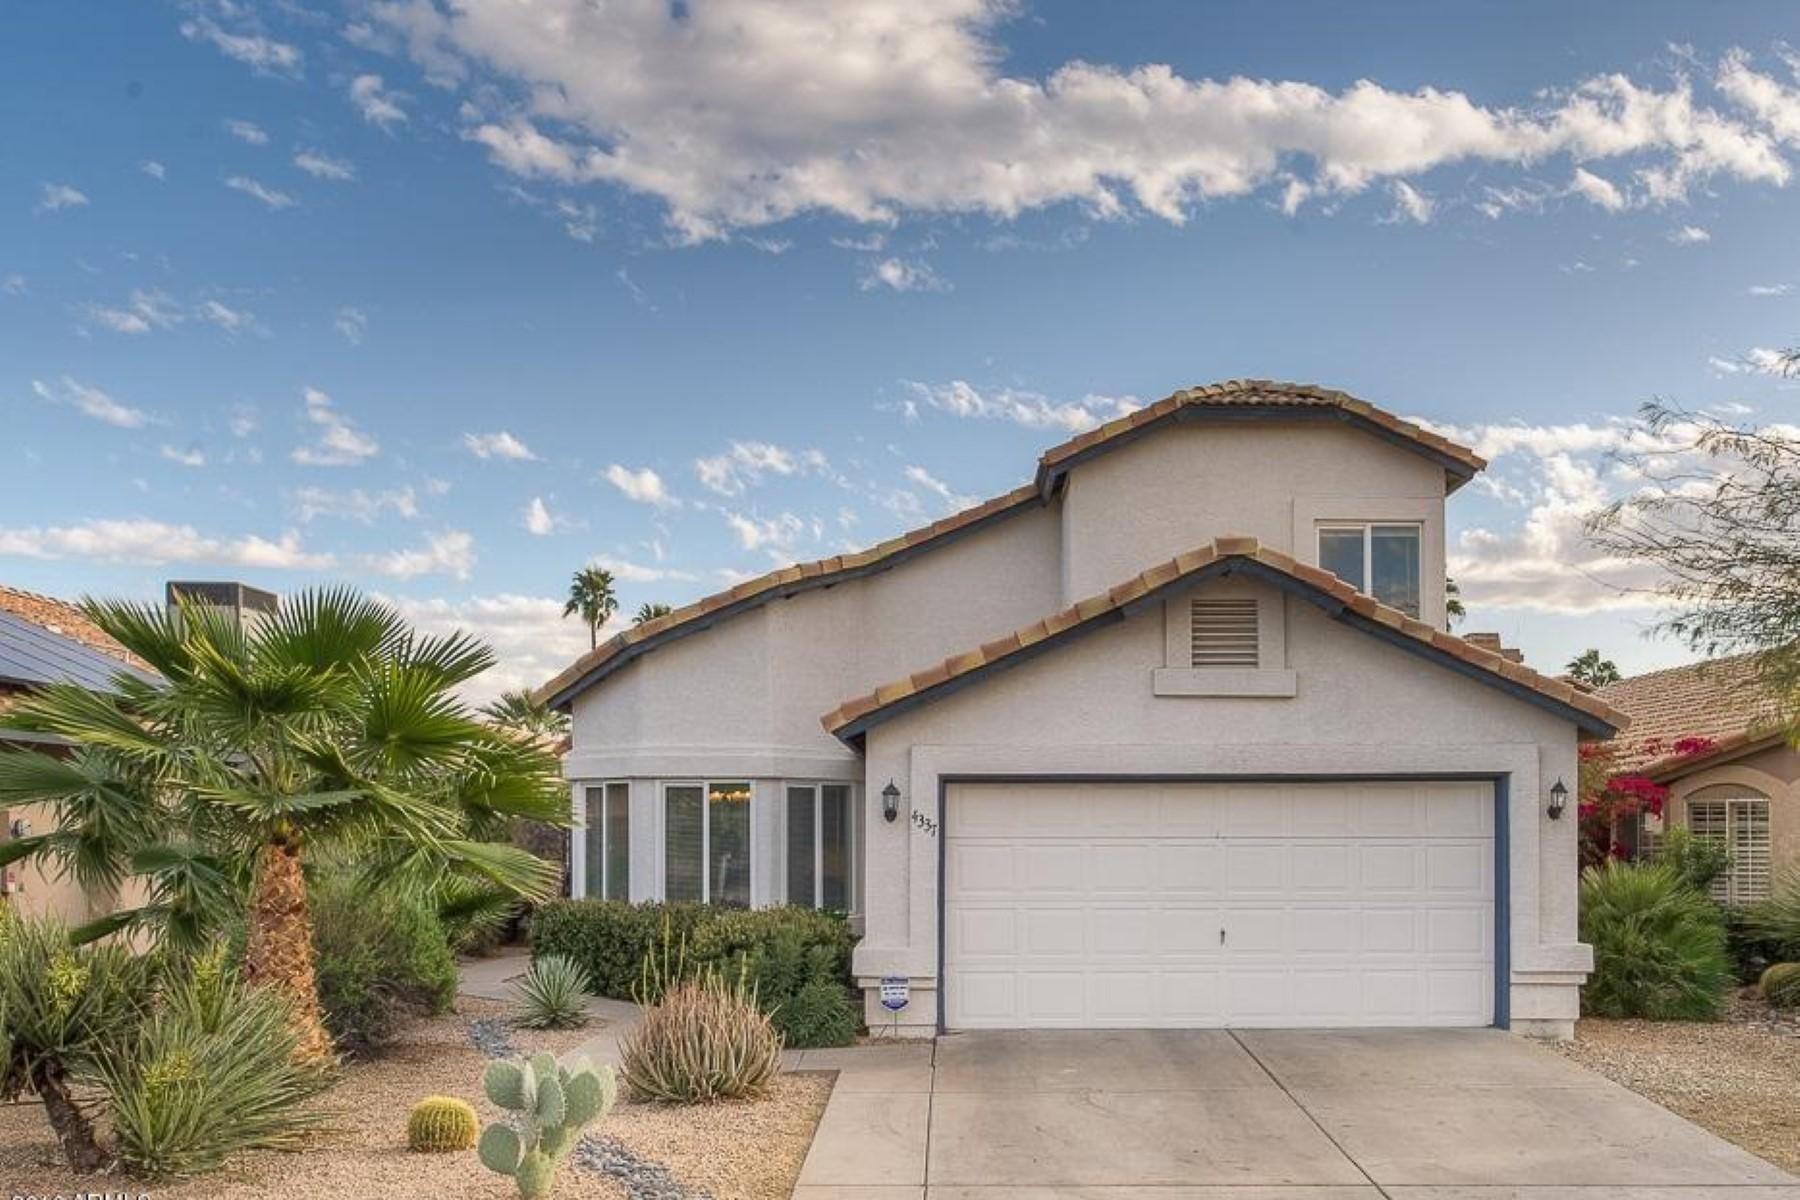 独户住宅 为 销售 在 Move-in ready beautiful home is in the highly desirable neighborhood 4337 E Rosemonte Dr 菲尼克斯(凤凰城), 亚利桑那州, 85050 美国